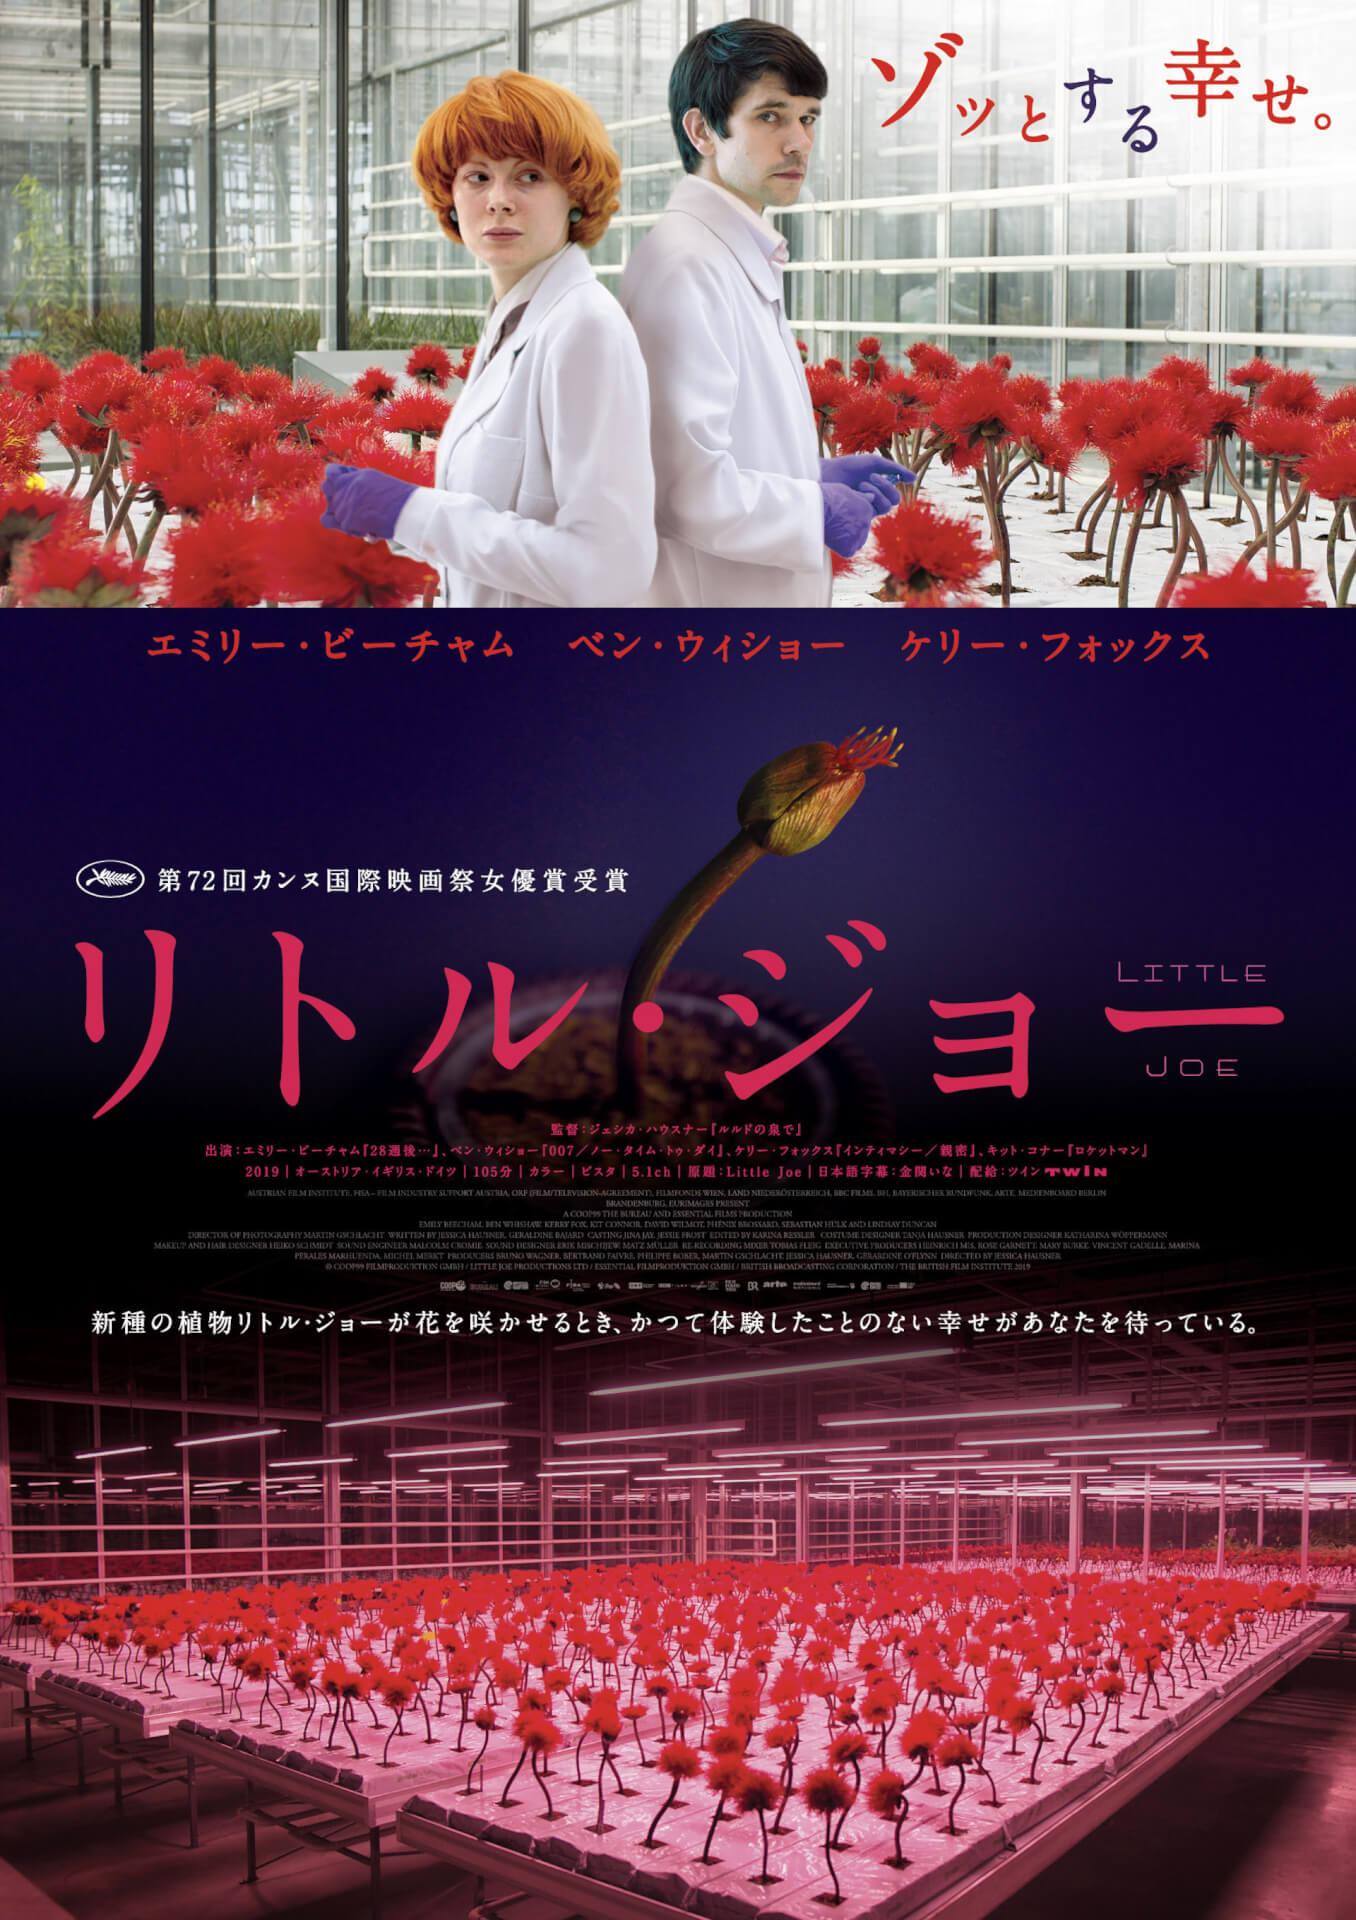 7月公開の映画で期待度が最も高いのは!?『WAVES/ウェイブス』『レイニーデイ・イン・ニューヨーク』などランクインの期待度ランキングがFilmarksで発表 film200630_movie_july_9